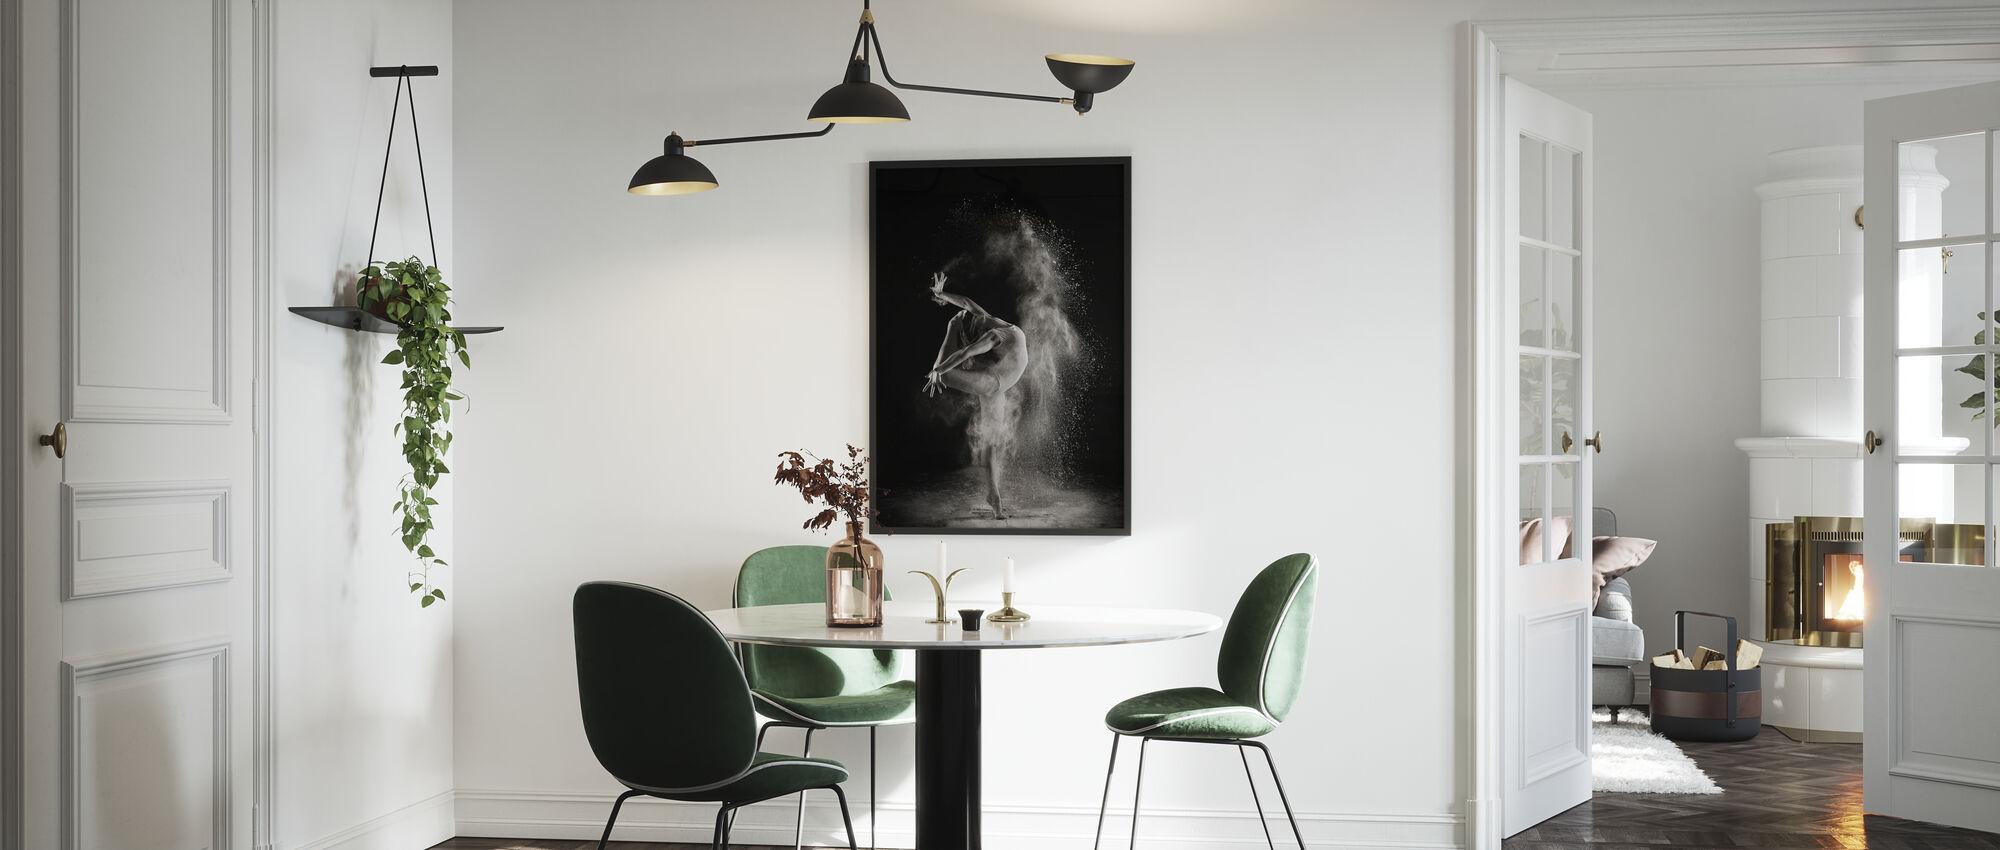 Valossa - Kehystetty kuva - Keittiö